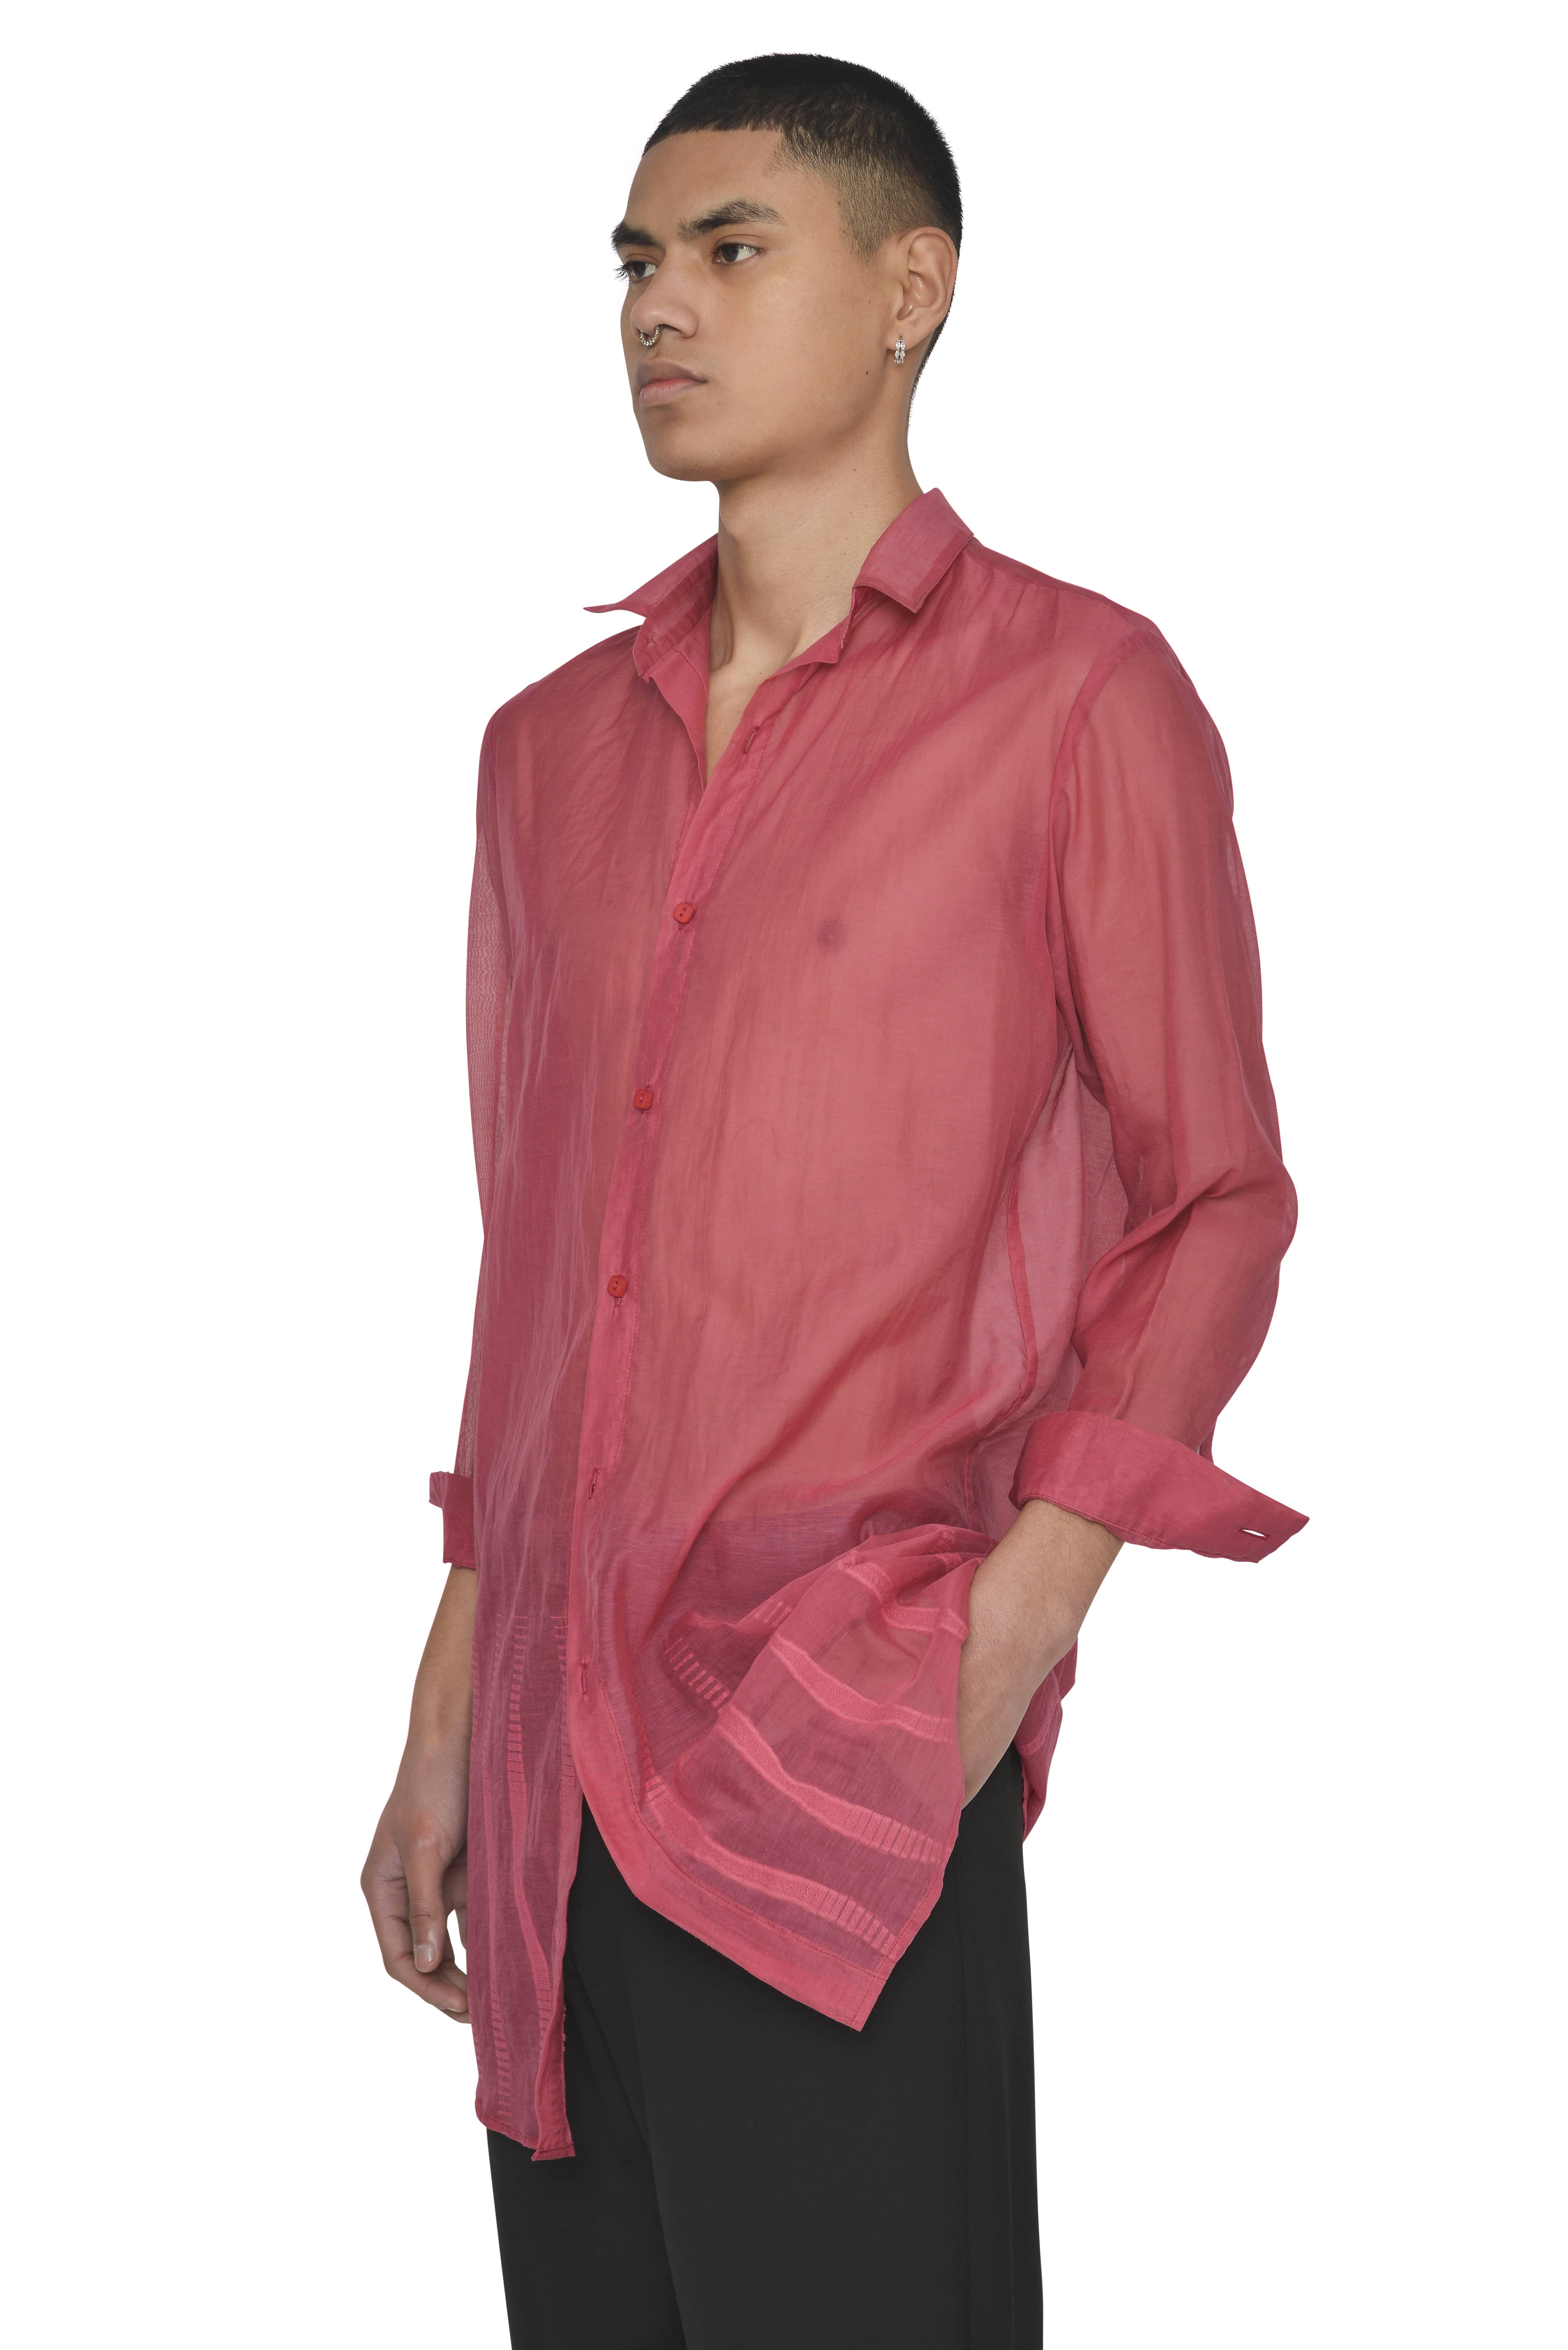 Shirt BORBOLETA 3